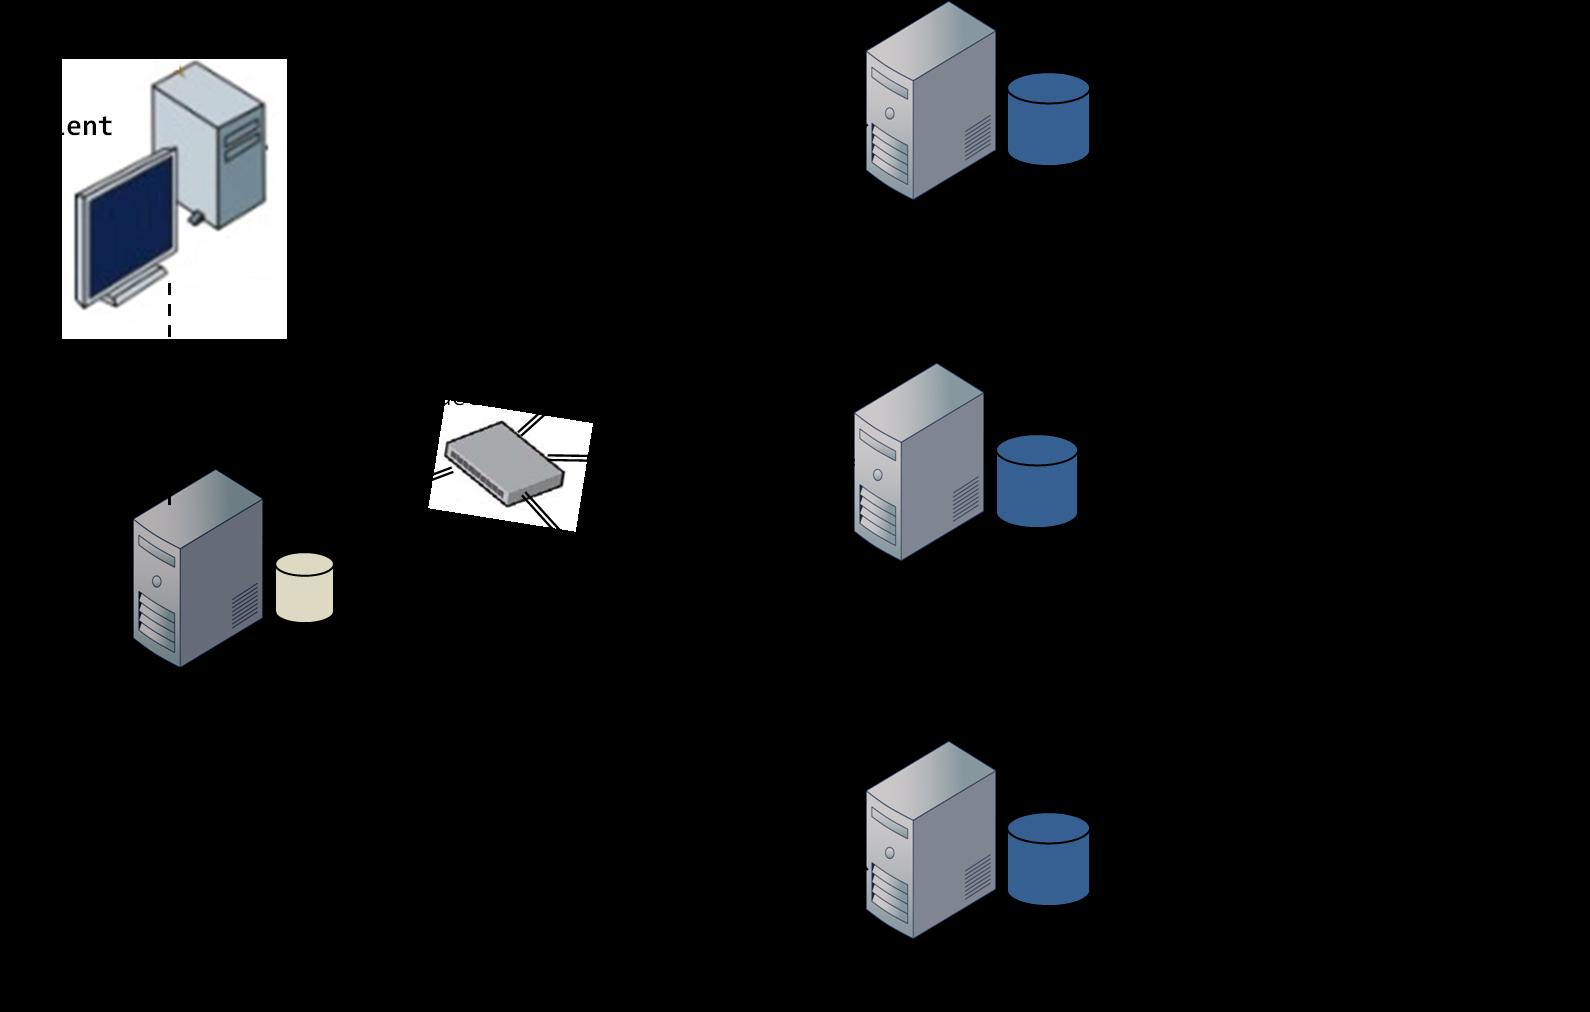 Figure 3: Distribution et partitionnement des données dans les nœuds selon l'affection par hachage